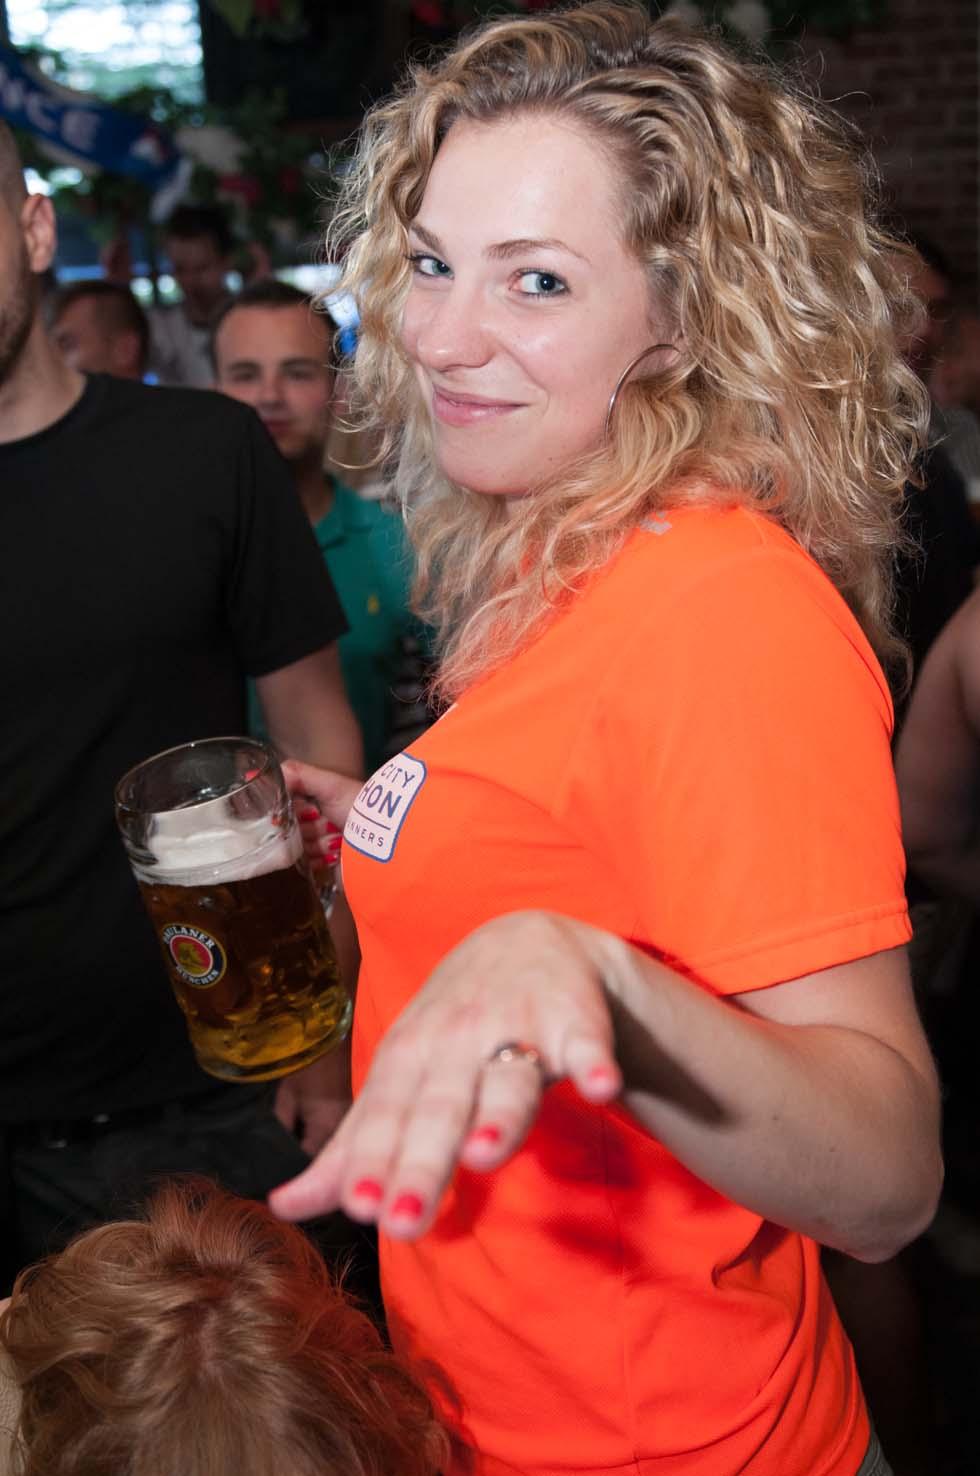 zum-schneider-nyc-2012-eurocup-germany-denmark-1595.jpg